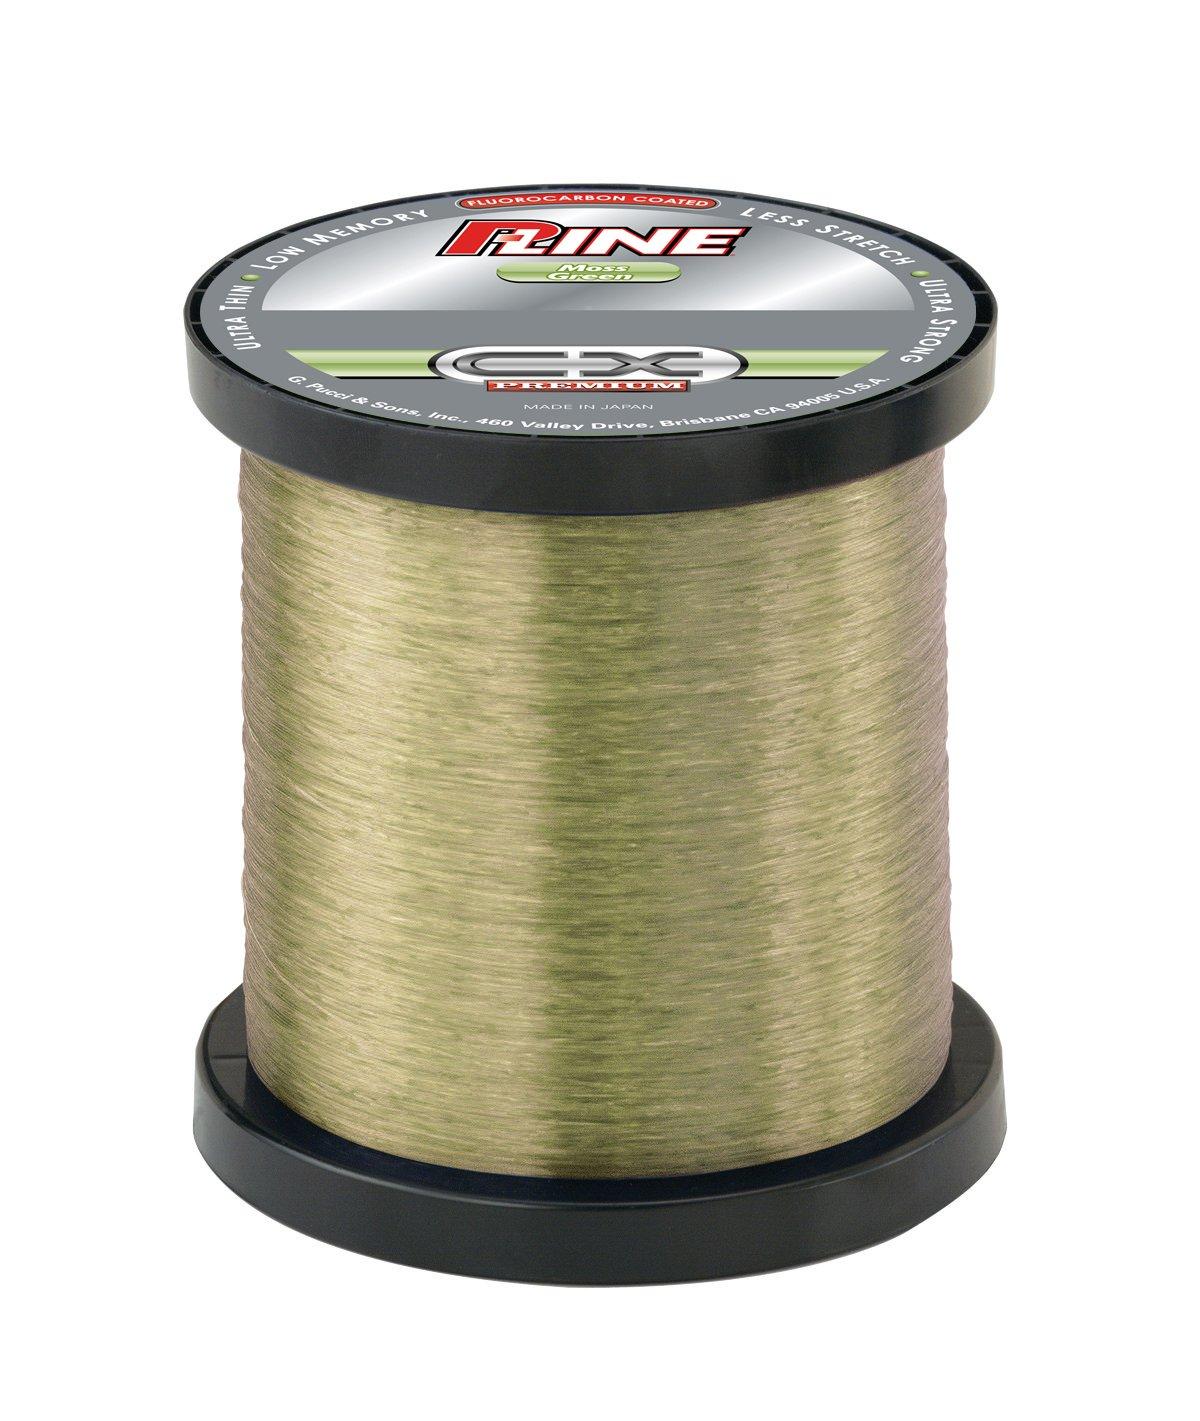 【良好品】 p-line CXプレミアムモスグリーン釣りライン3000 YDバルクスプール 8-Pound B001HM6BTY 8-Pound|モスグリーン B001HM6BTY モスグリーン 8-Pound, キタアマベグン:238f822e --- a0267596.xsph.ru